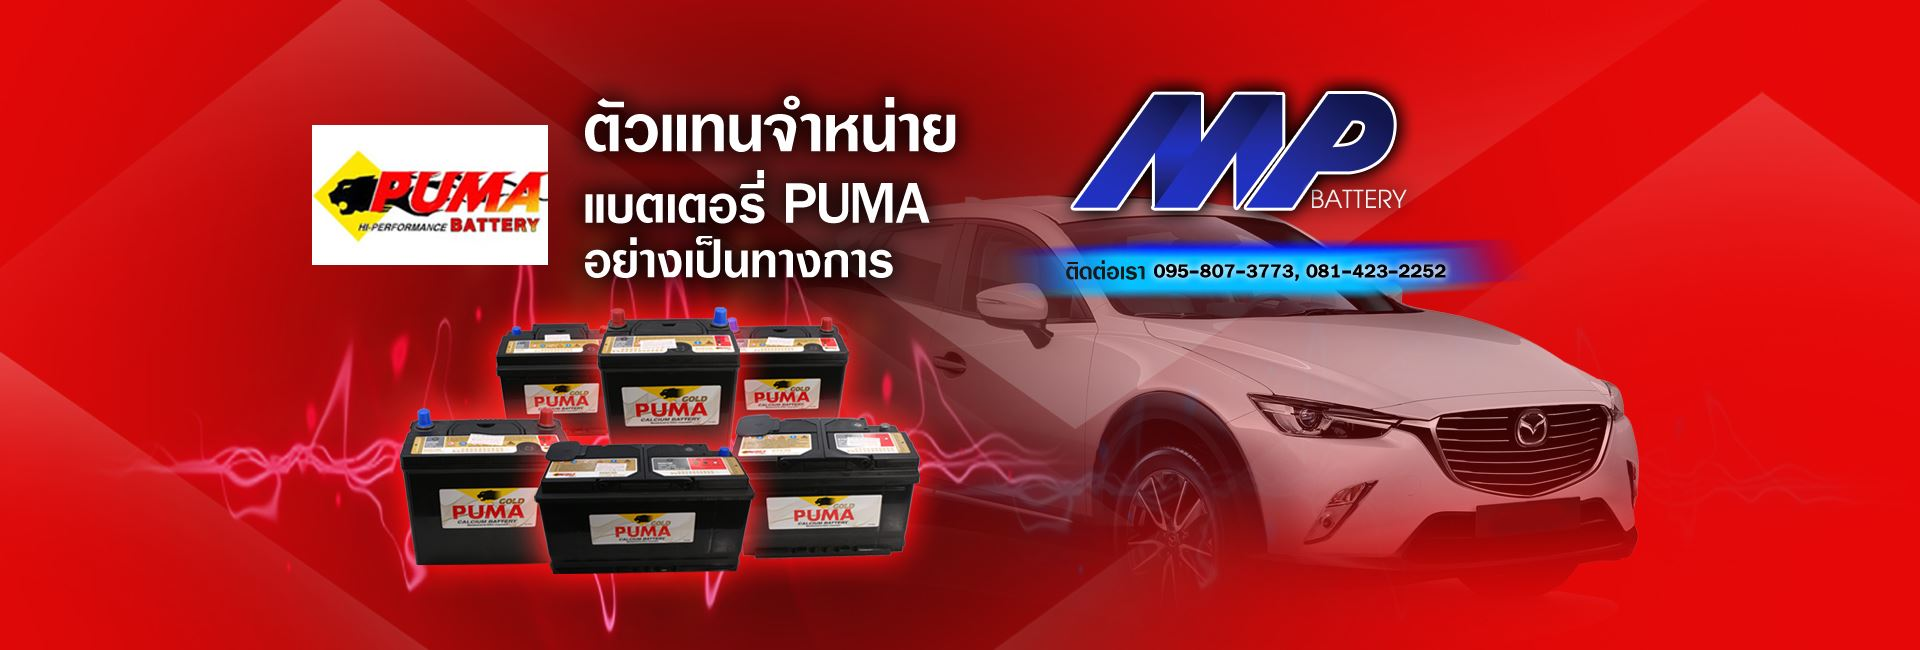 ราคาแบตเตอรี่ Puma